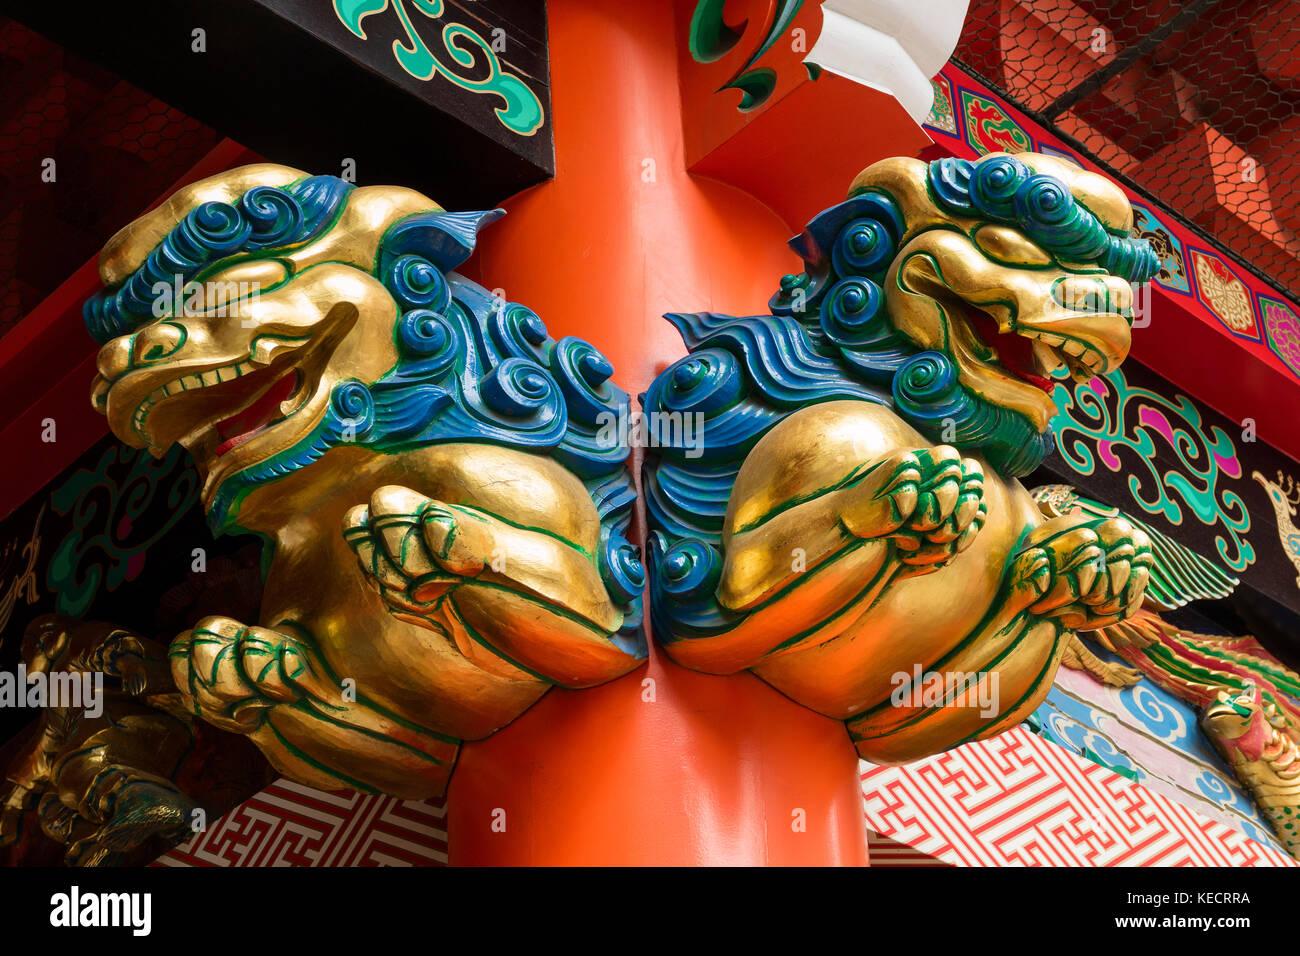 Tokyo, Giappone - 14 maggio 2017: in legno colorato lions custode come una decorazione a guardia del sacro tempio Immagini Stock